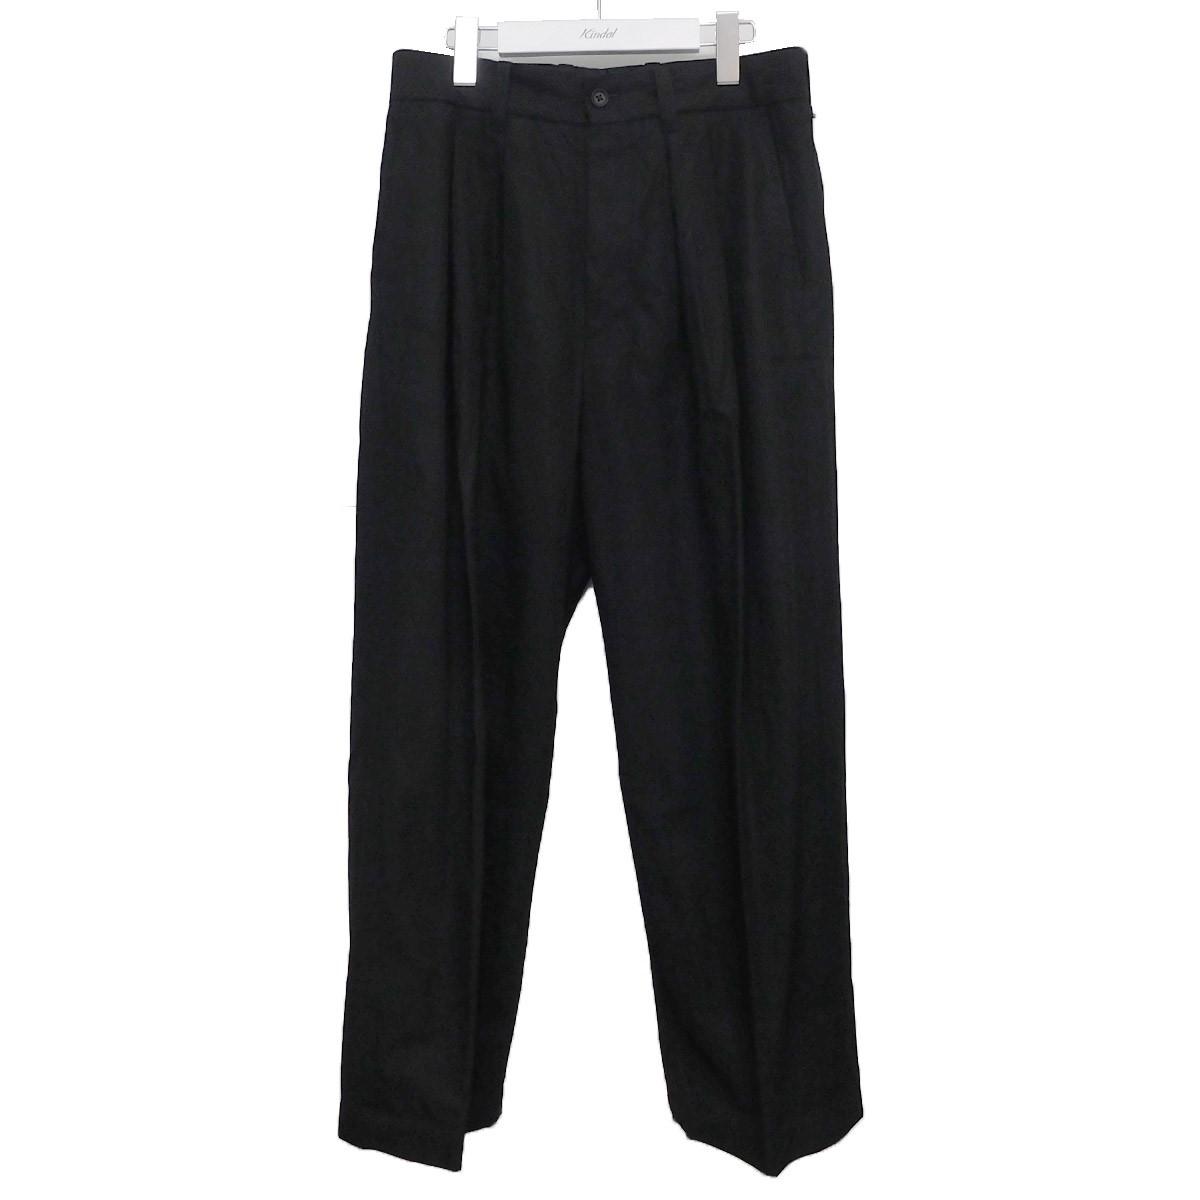 【中古】stein 2020SS WIDE STRAIGHT TROUSERS PANTS タックパンツ ブラック サイズ:S 【200920】(シュタイン)